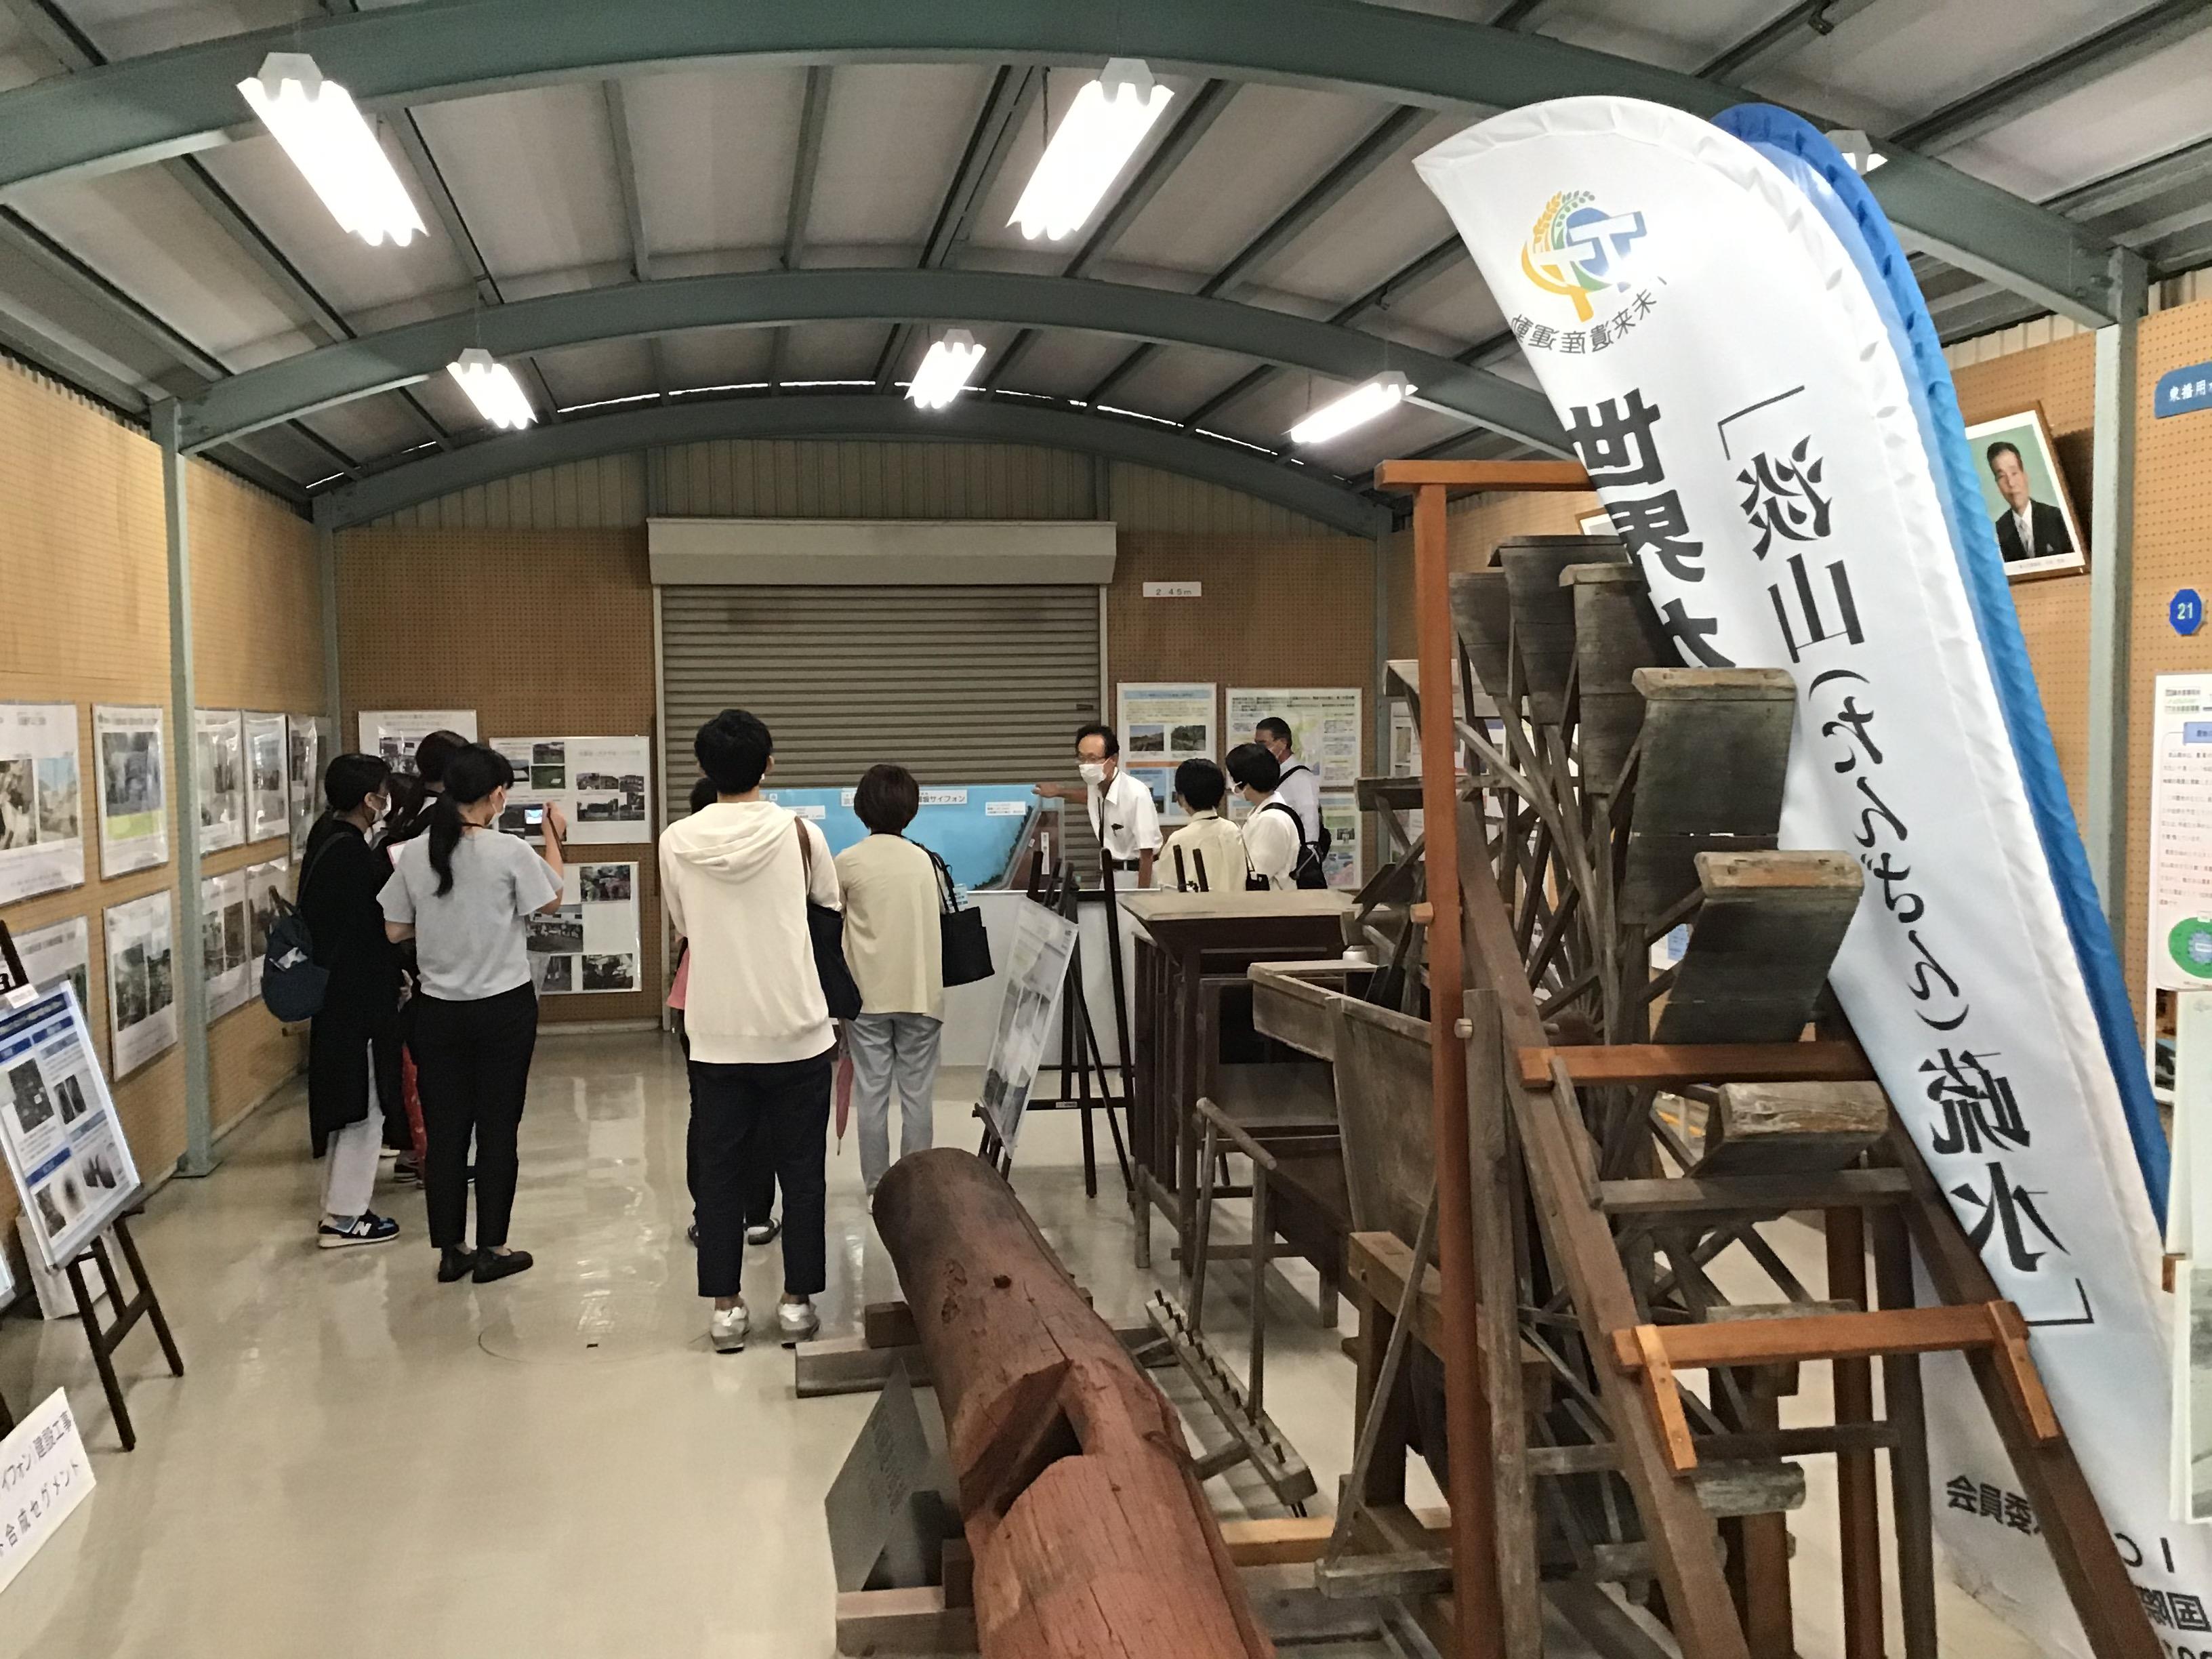 東播用水土地改良区の藤田参事に御坂サイフォンの見本を使い説明していただきました。